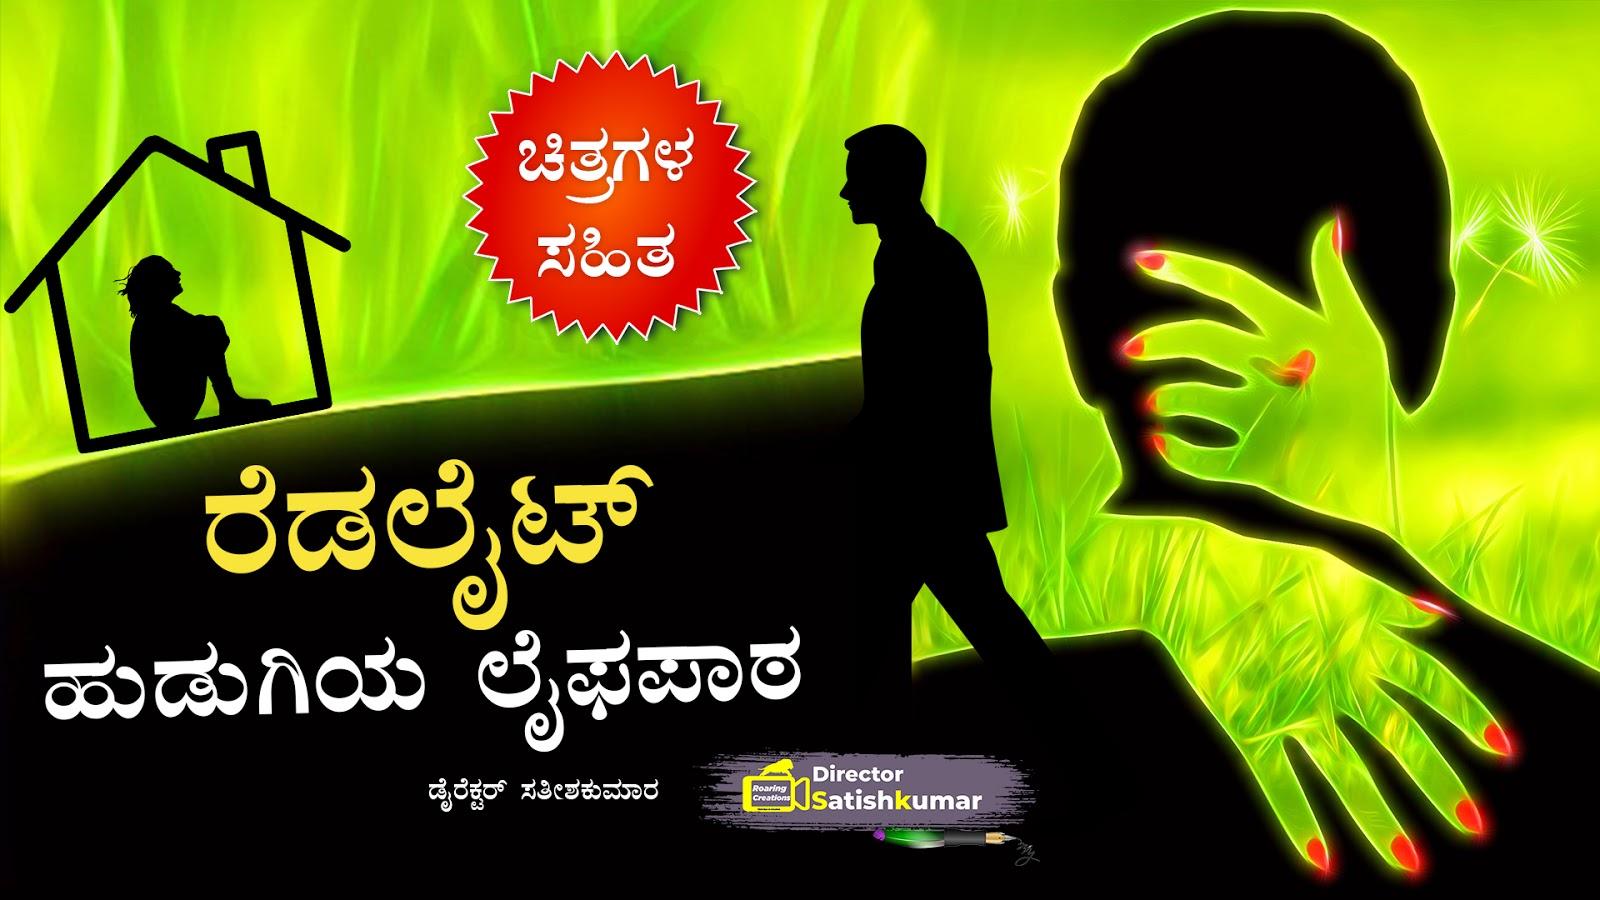 ರೆಡಲೈಟ್ ಹುಡುಗಿಯ ಲೈಫಪಾಠ - Fictional Romance and Social Message Story in Kannada - Kannada Romantic Story